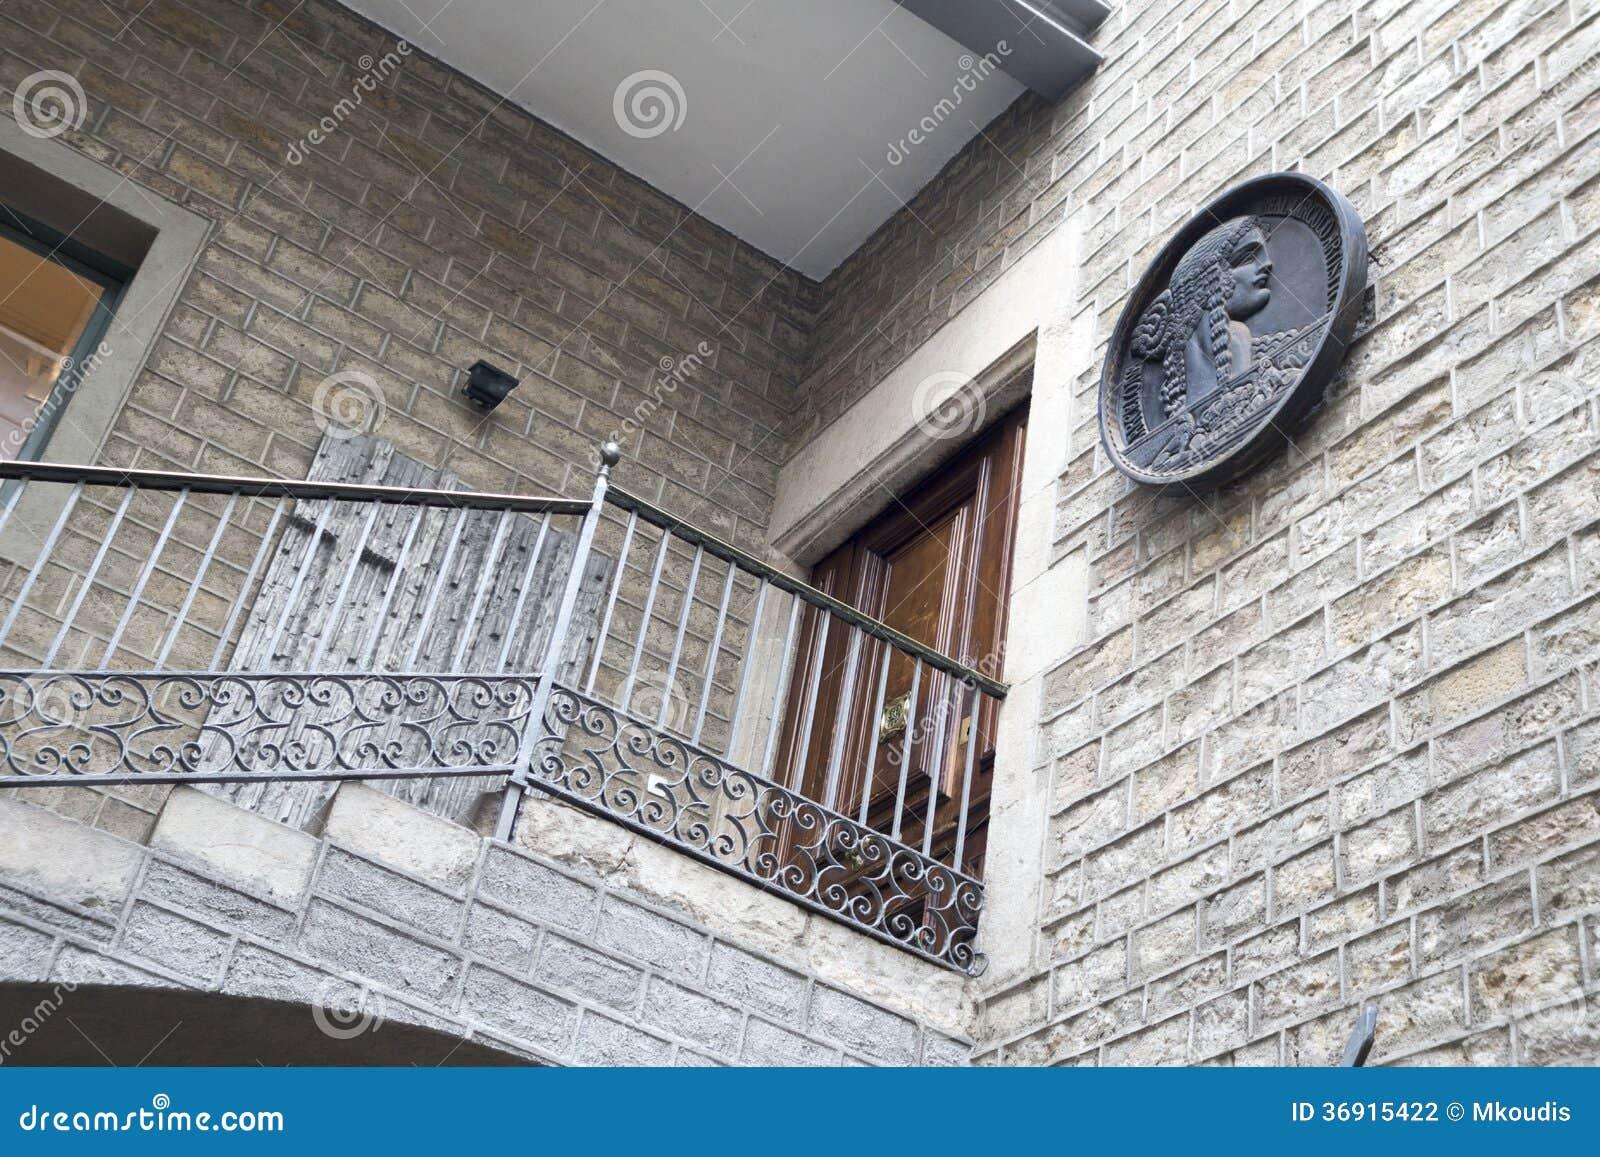 Barcelona powierzchowność - drzwi